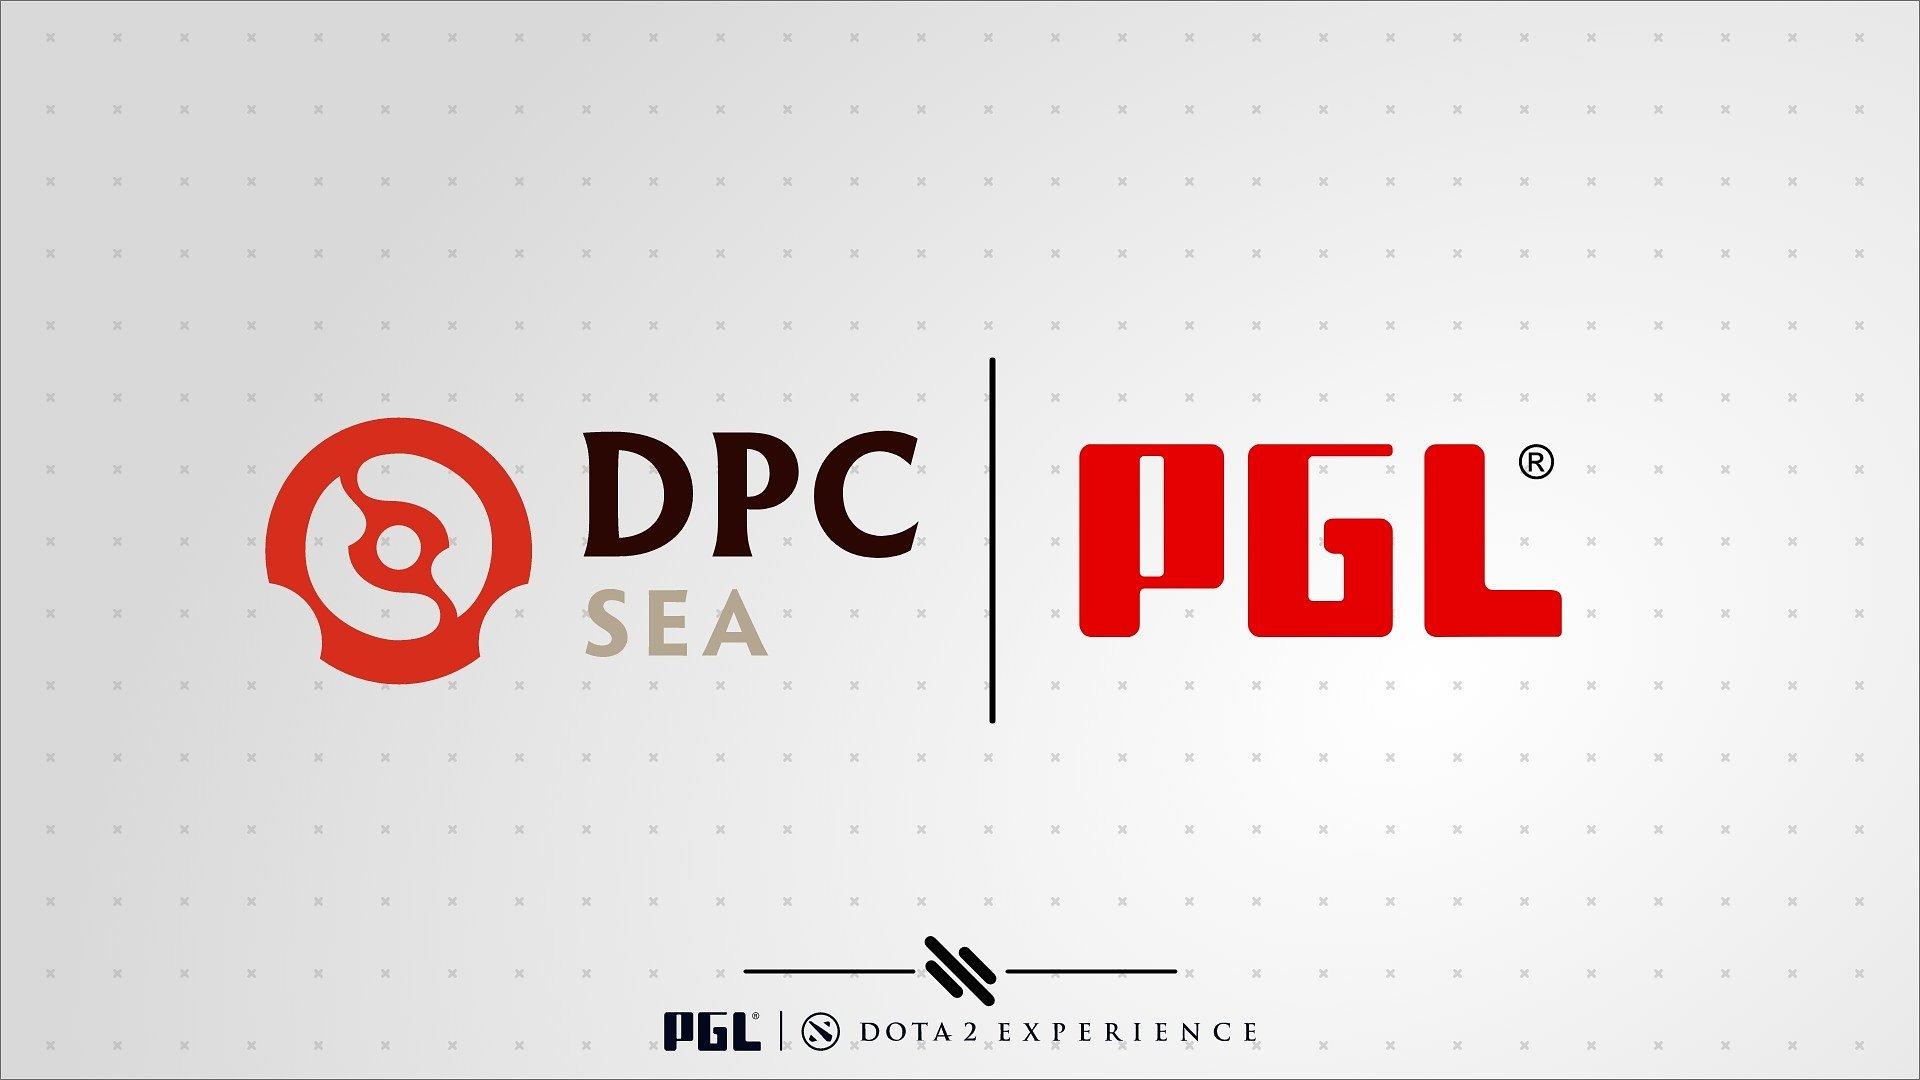 Расписание и результаты DPC-сезона. Юго-Восточная Азия. Второй дивизион